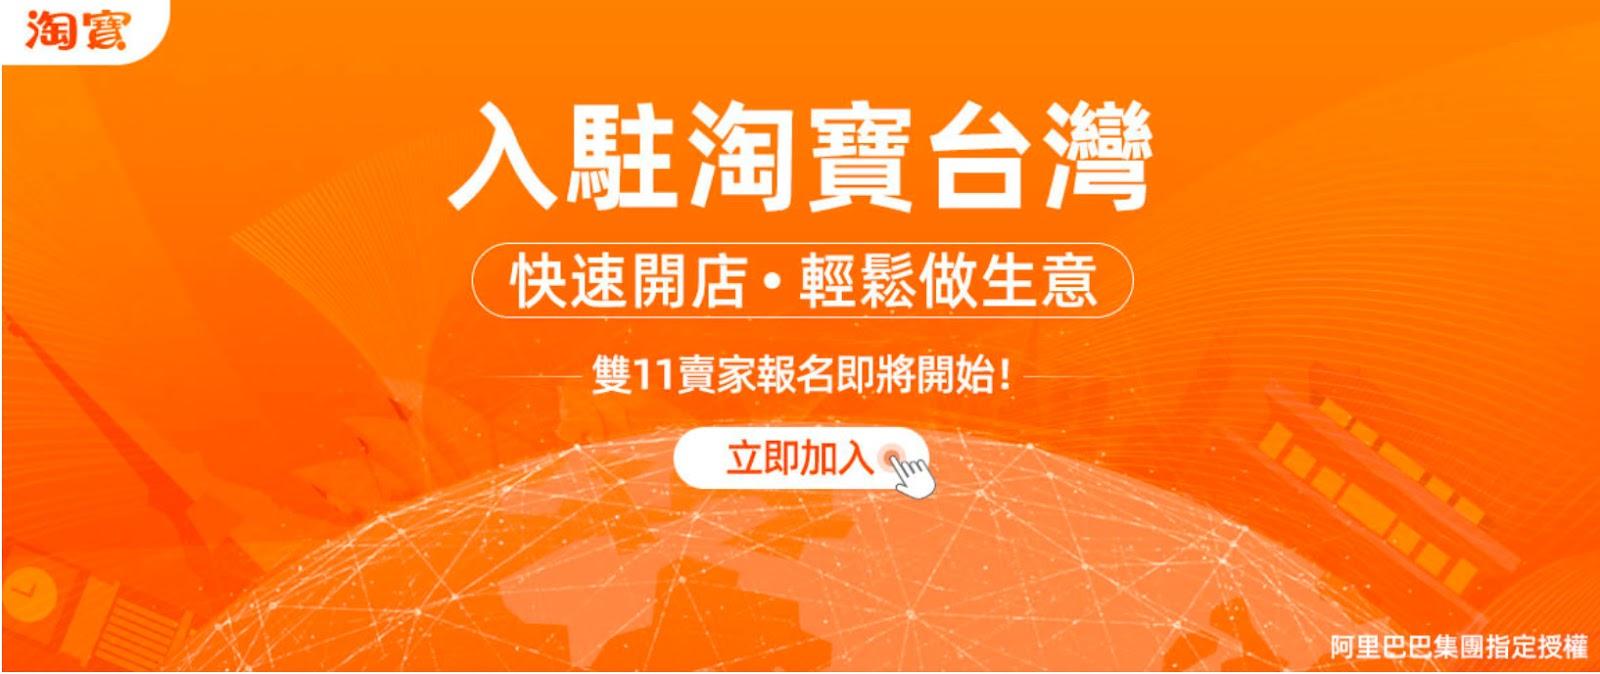 電商基因:擁有電商基因 , 生意無網不利: 入駐淘寶臺灣 快速開店 輕鬆做生意 ~ 雙11賣家開始報名